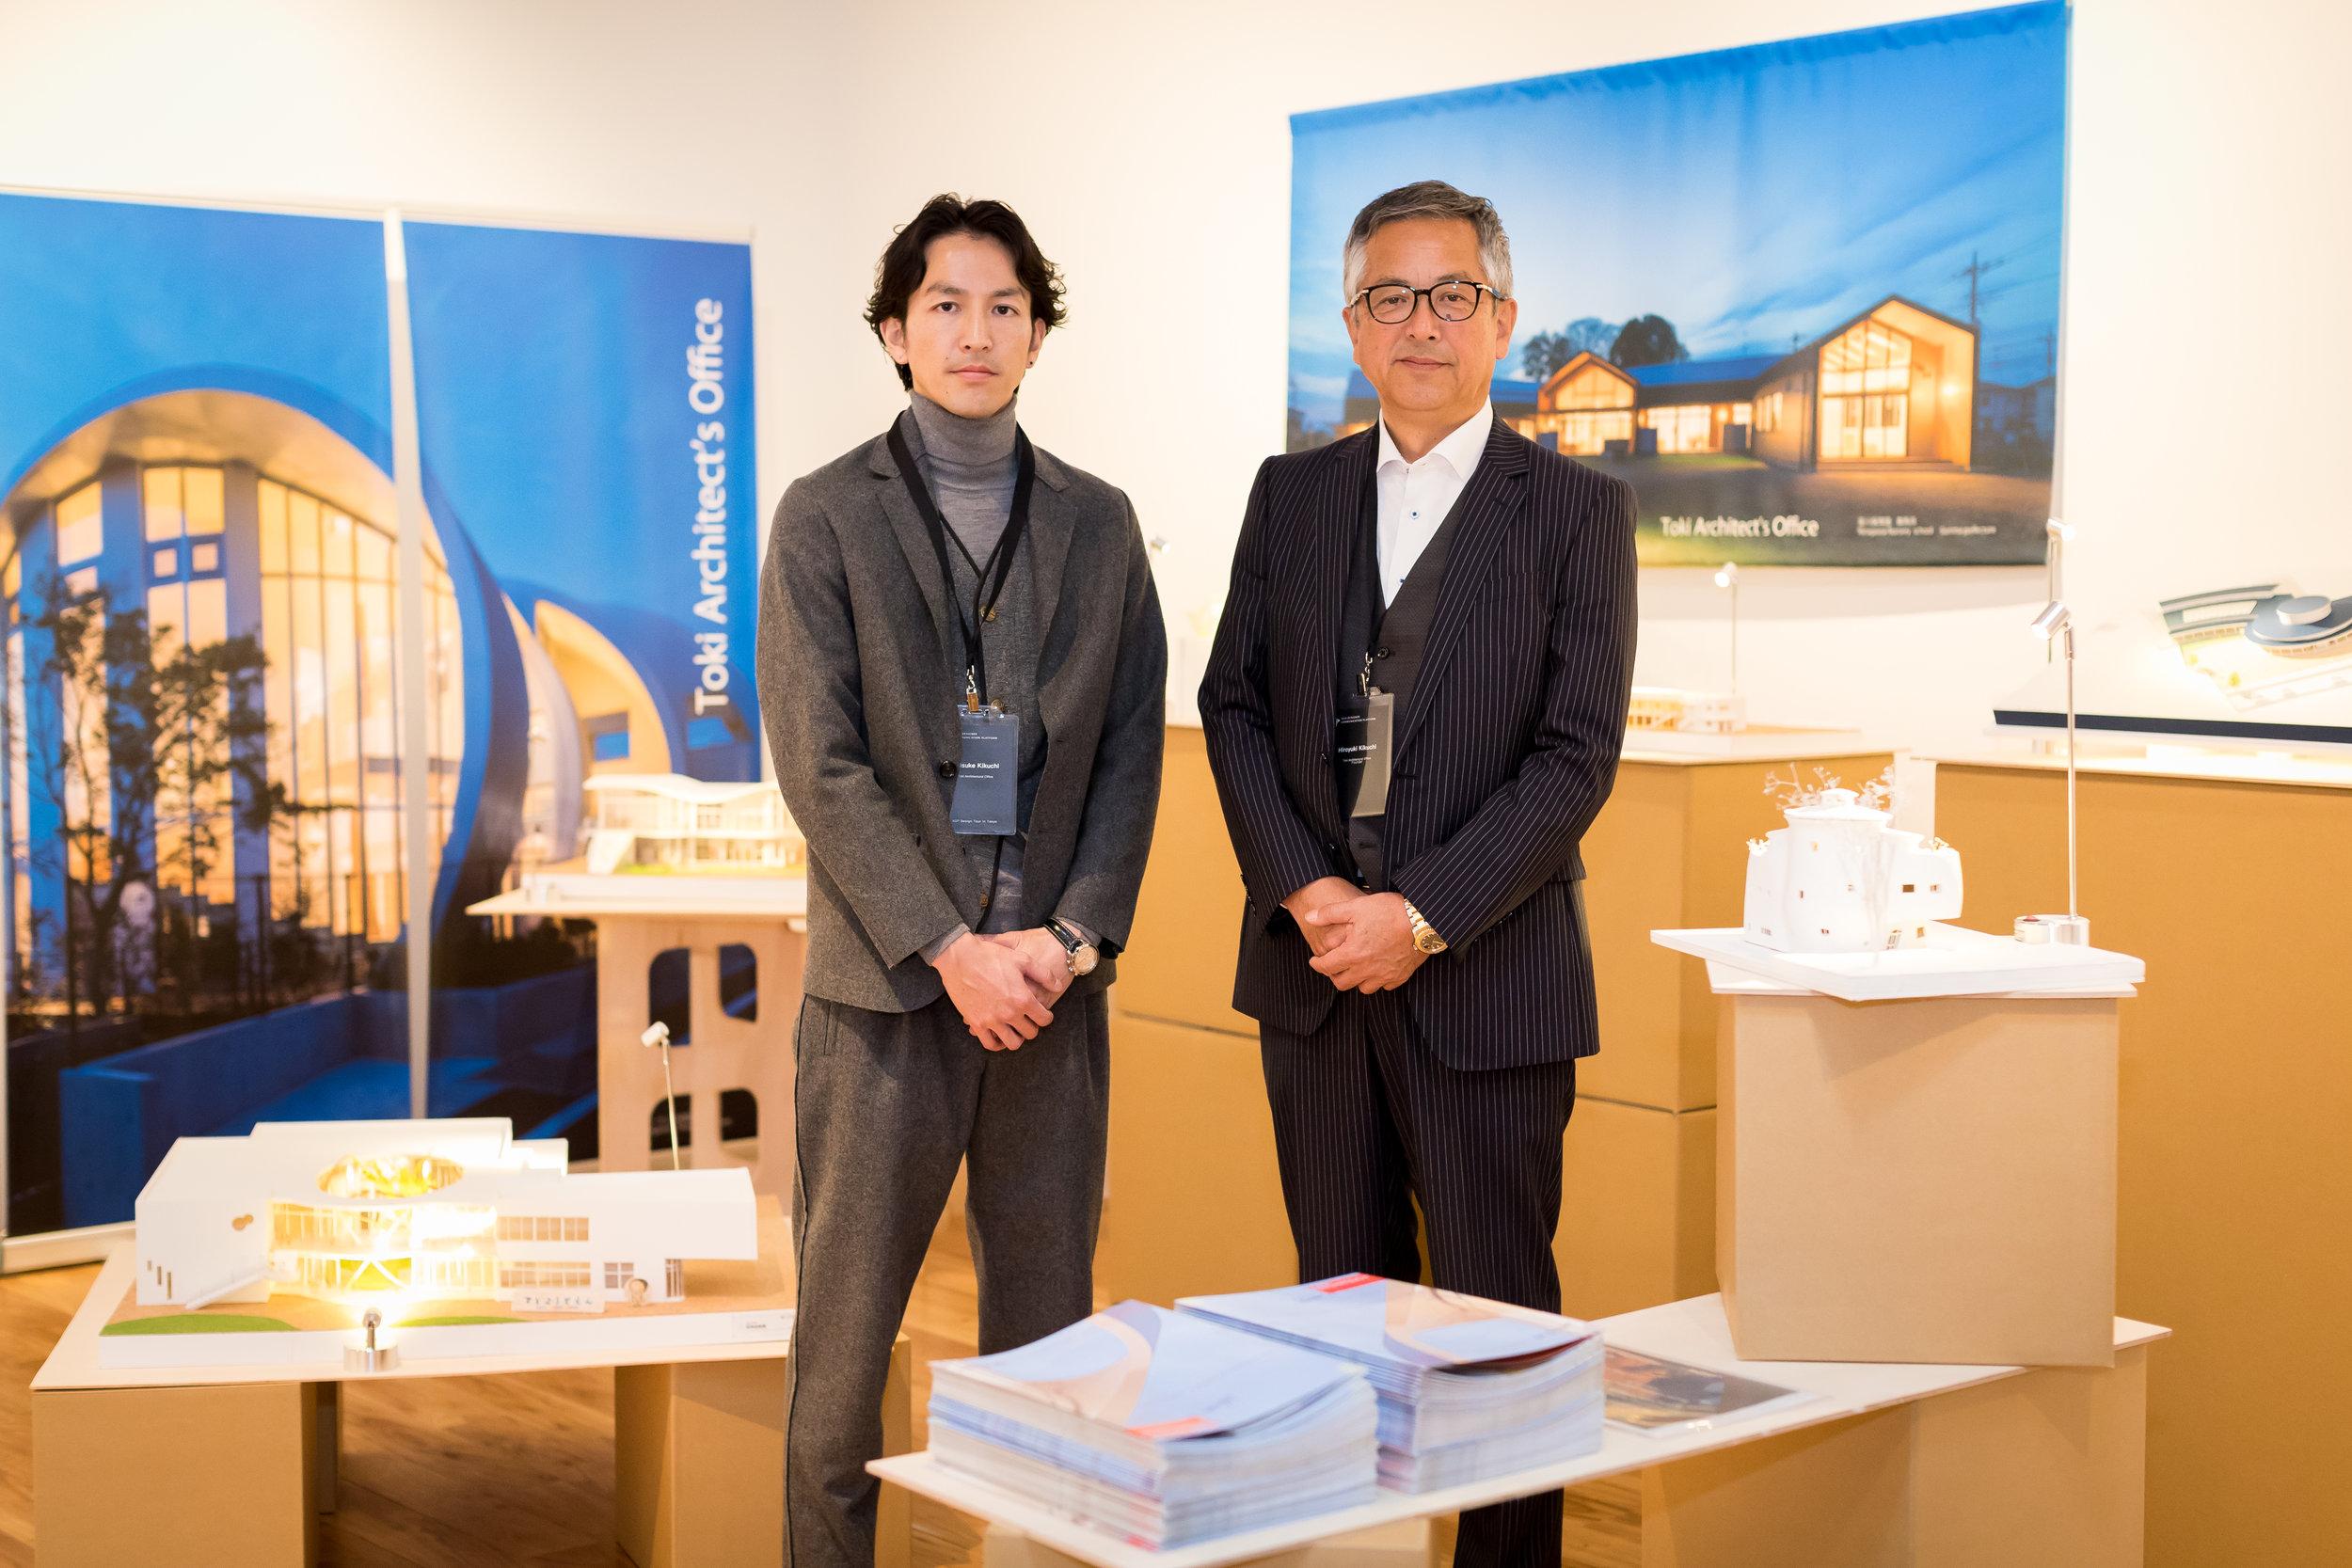 Representatives of Award-winning Japanese Architecture Firm Tokisekkei - Hiroyuki Kikuchi (Right) and Keisuke Kikuchi (Left).jpg